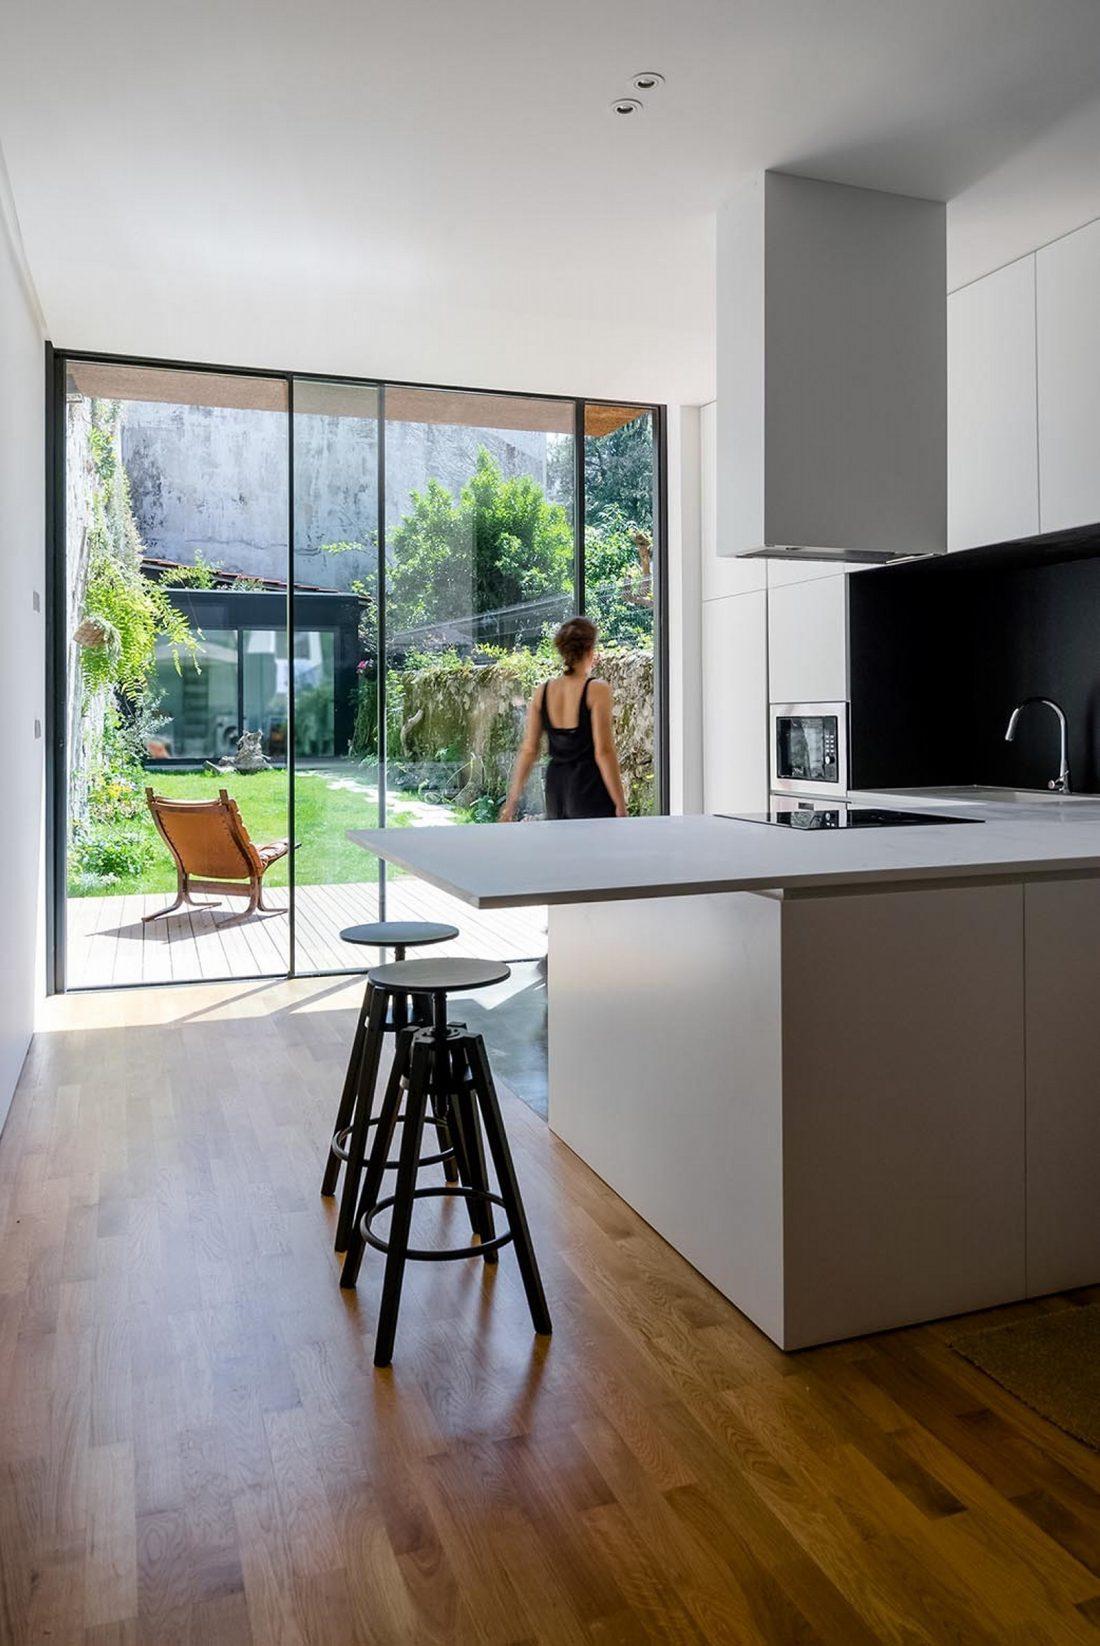 Реконструкция старинного дома Bonjardim House в Португалии по проекту ATKA arquitectos 22